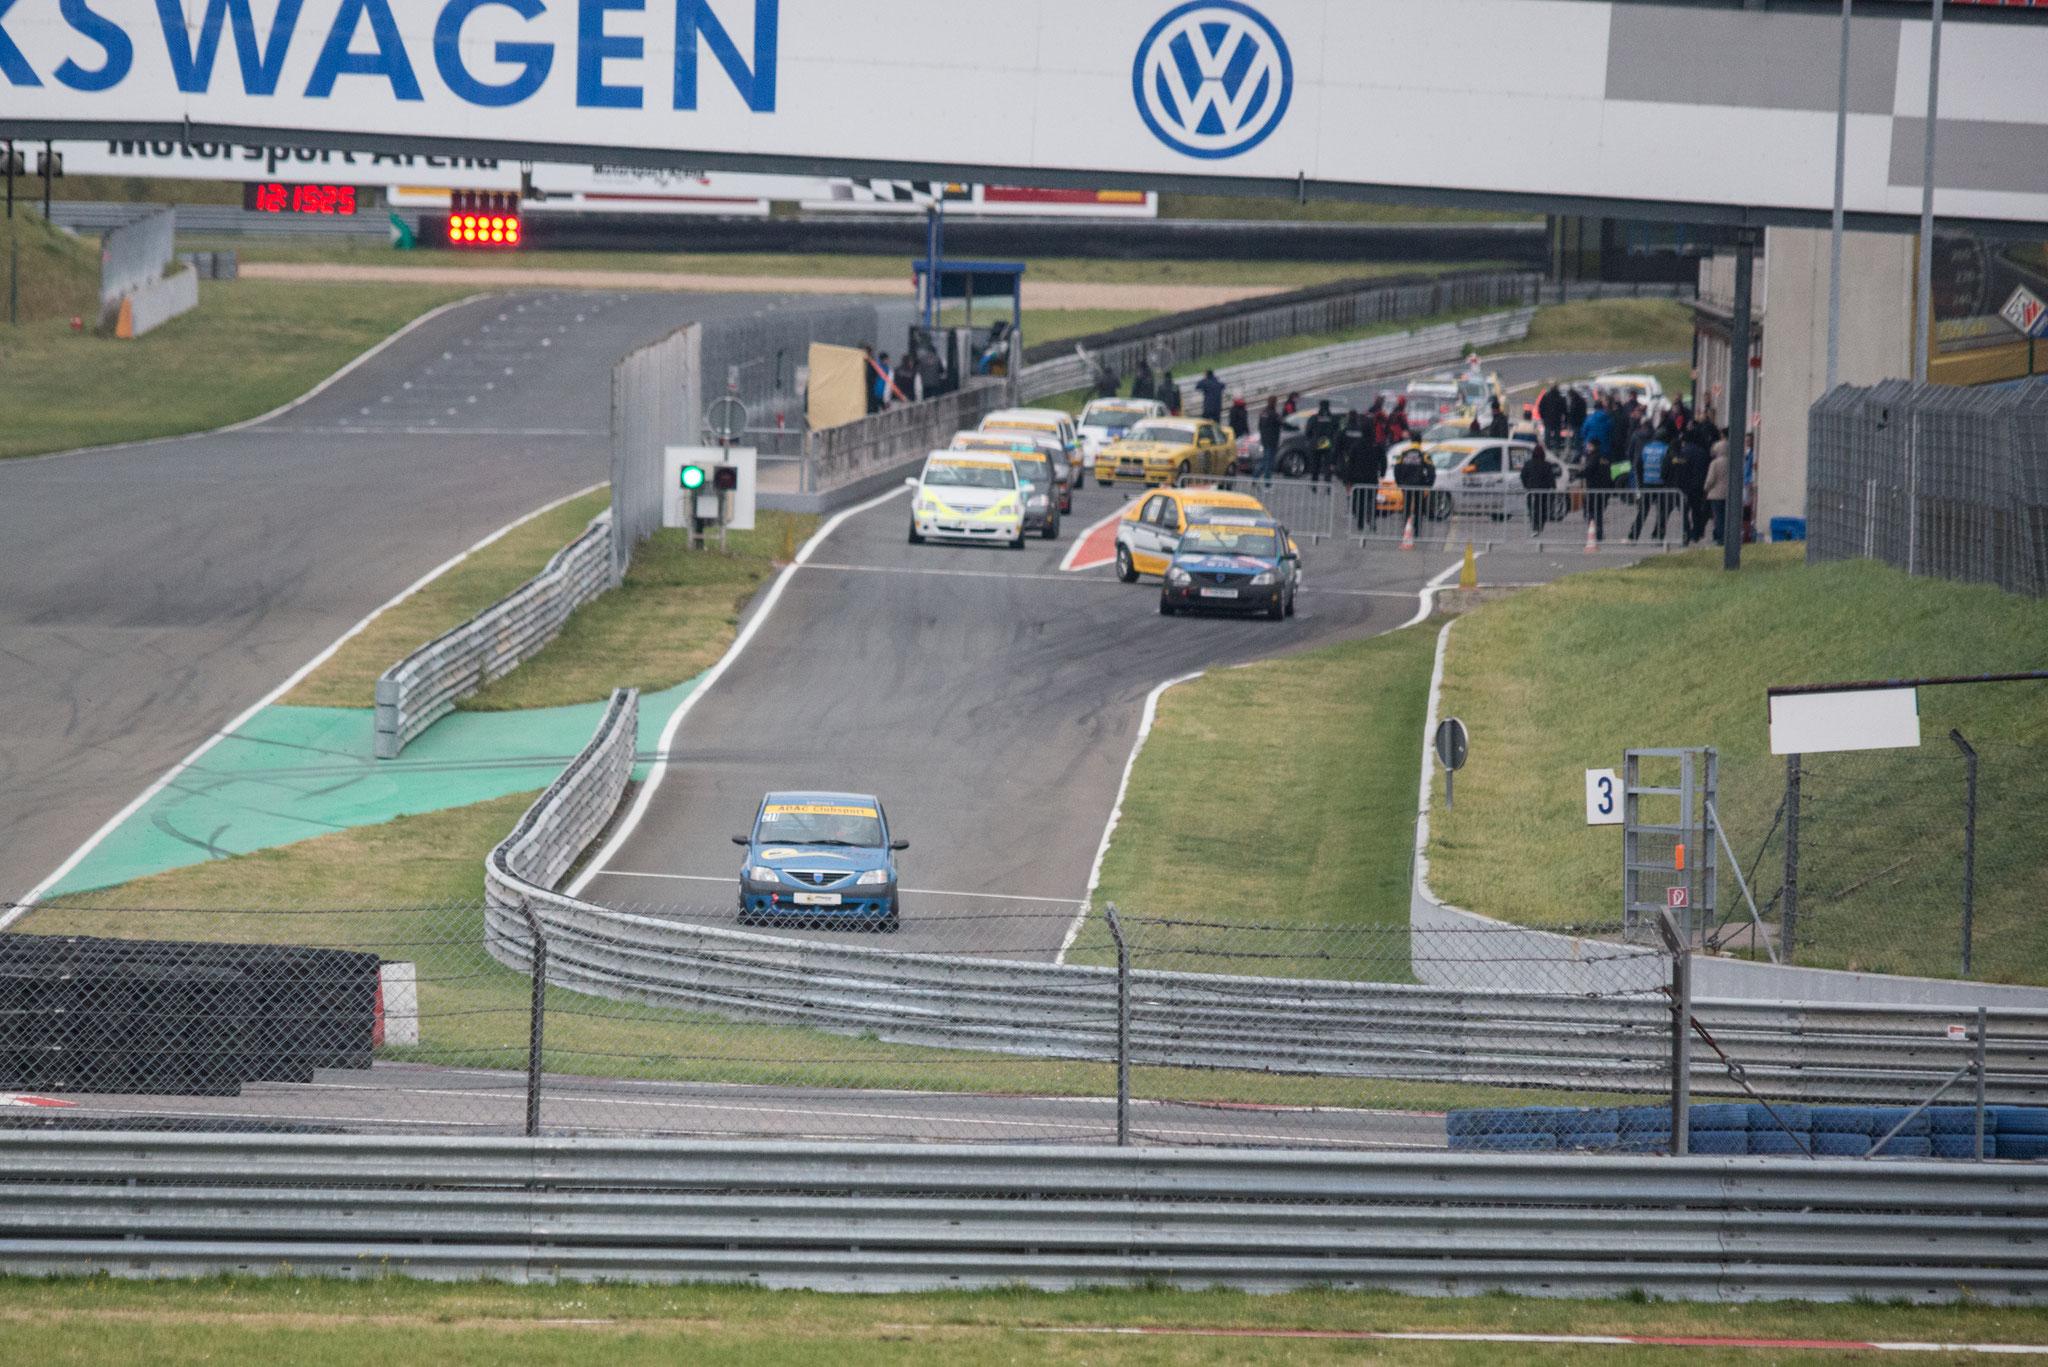 Dennis Bröker bei Startübungen in der Motorsportarena Oschersleben